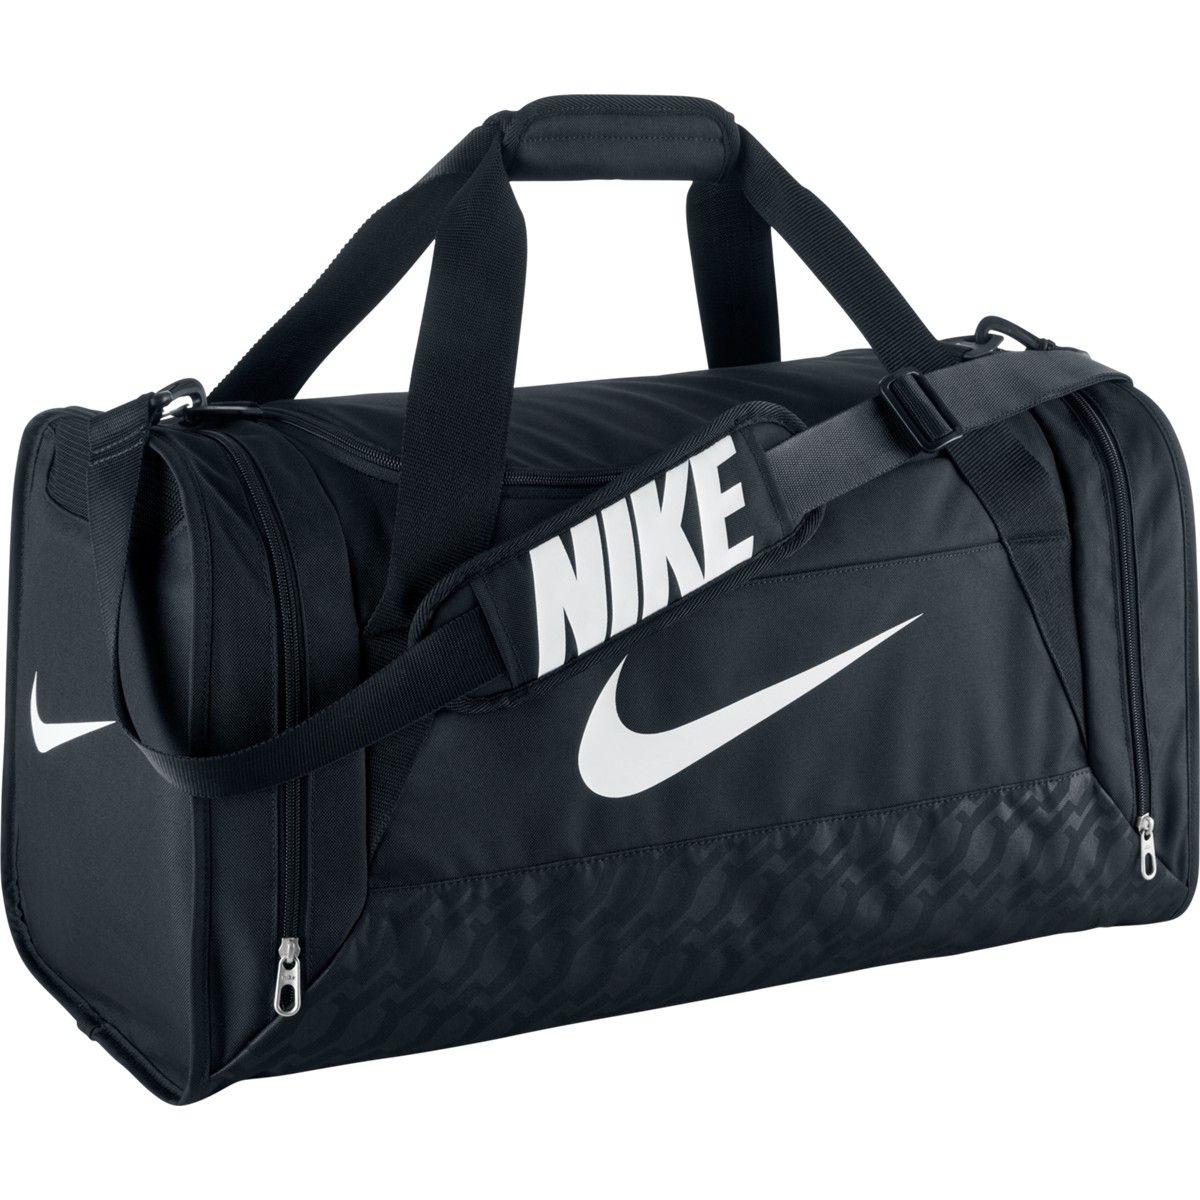 89f639e8c5a6bb Sporttasche Nike Brasilia 6 Medium Duffel - NIKE - Taschen